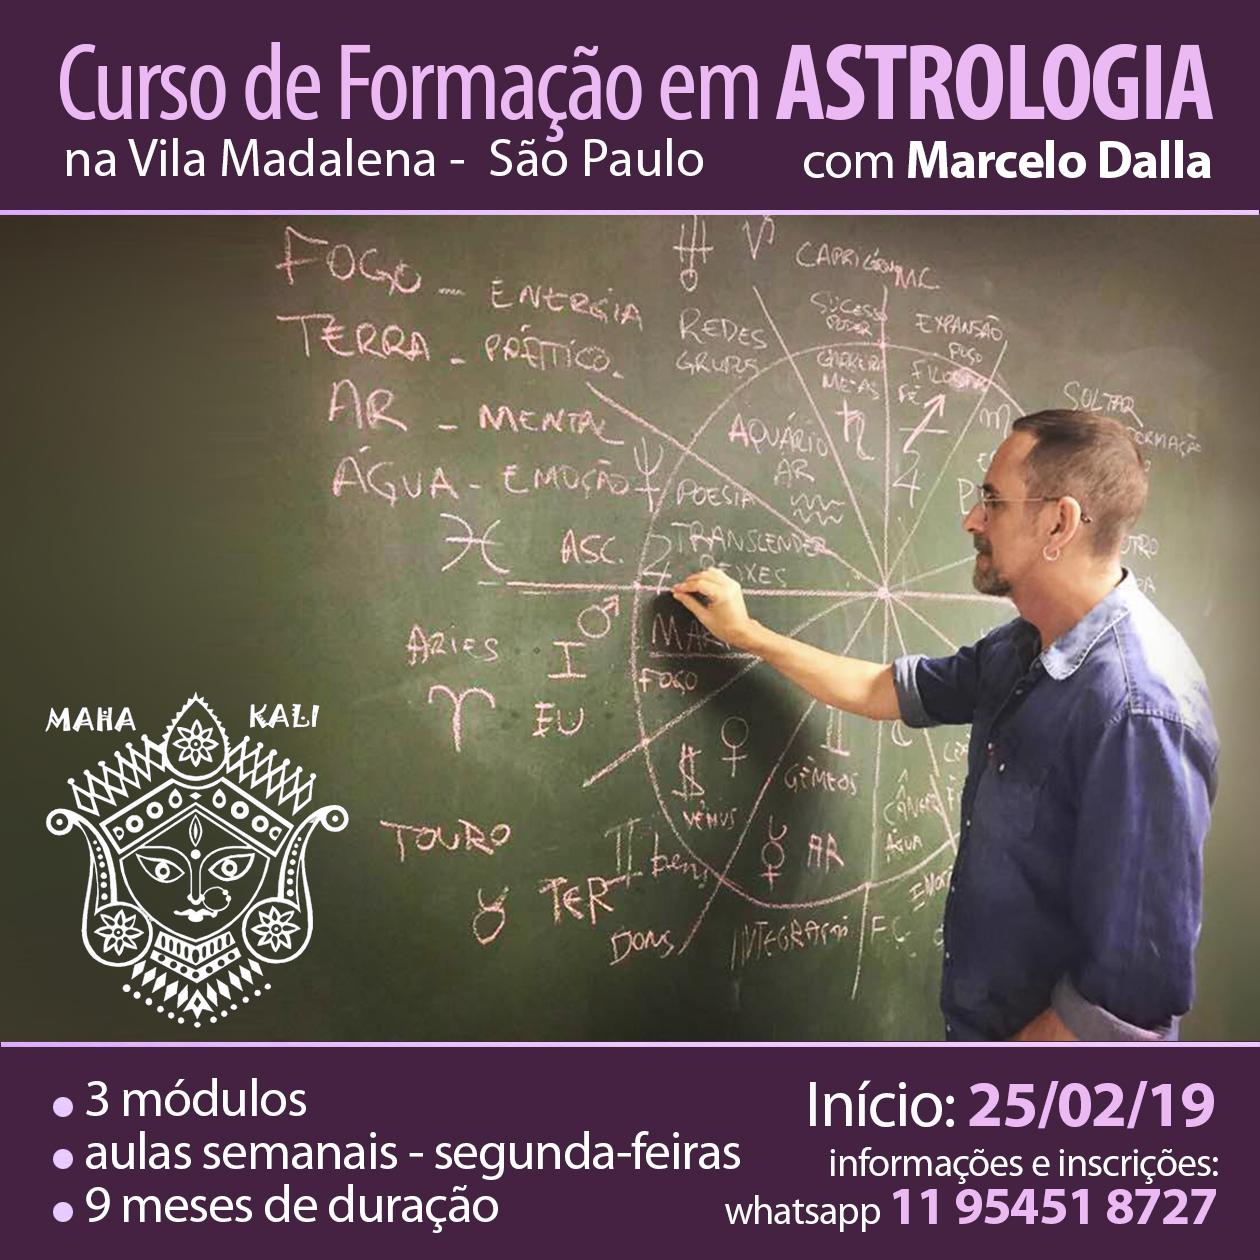 CURSO DE ASTROLOGIA EM SÃO PAULO